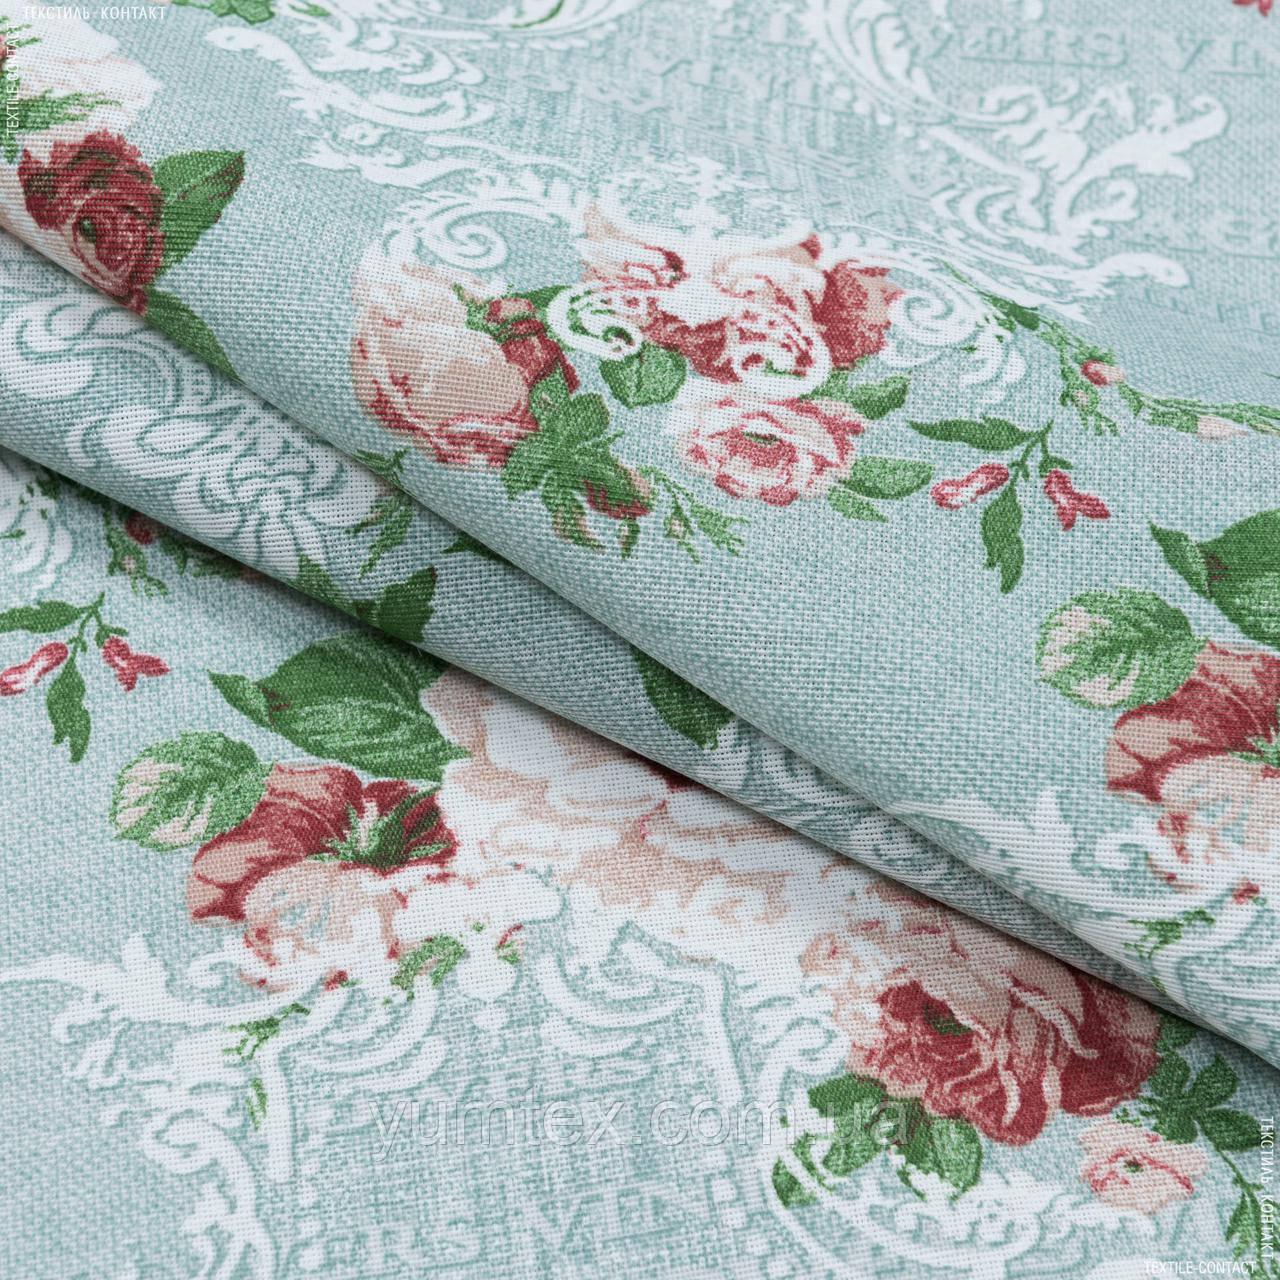 Декоративная ткань  лонета неус/neus  цветы  гранат ,фон св.зеленый 148875